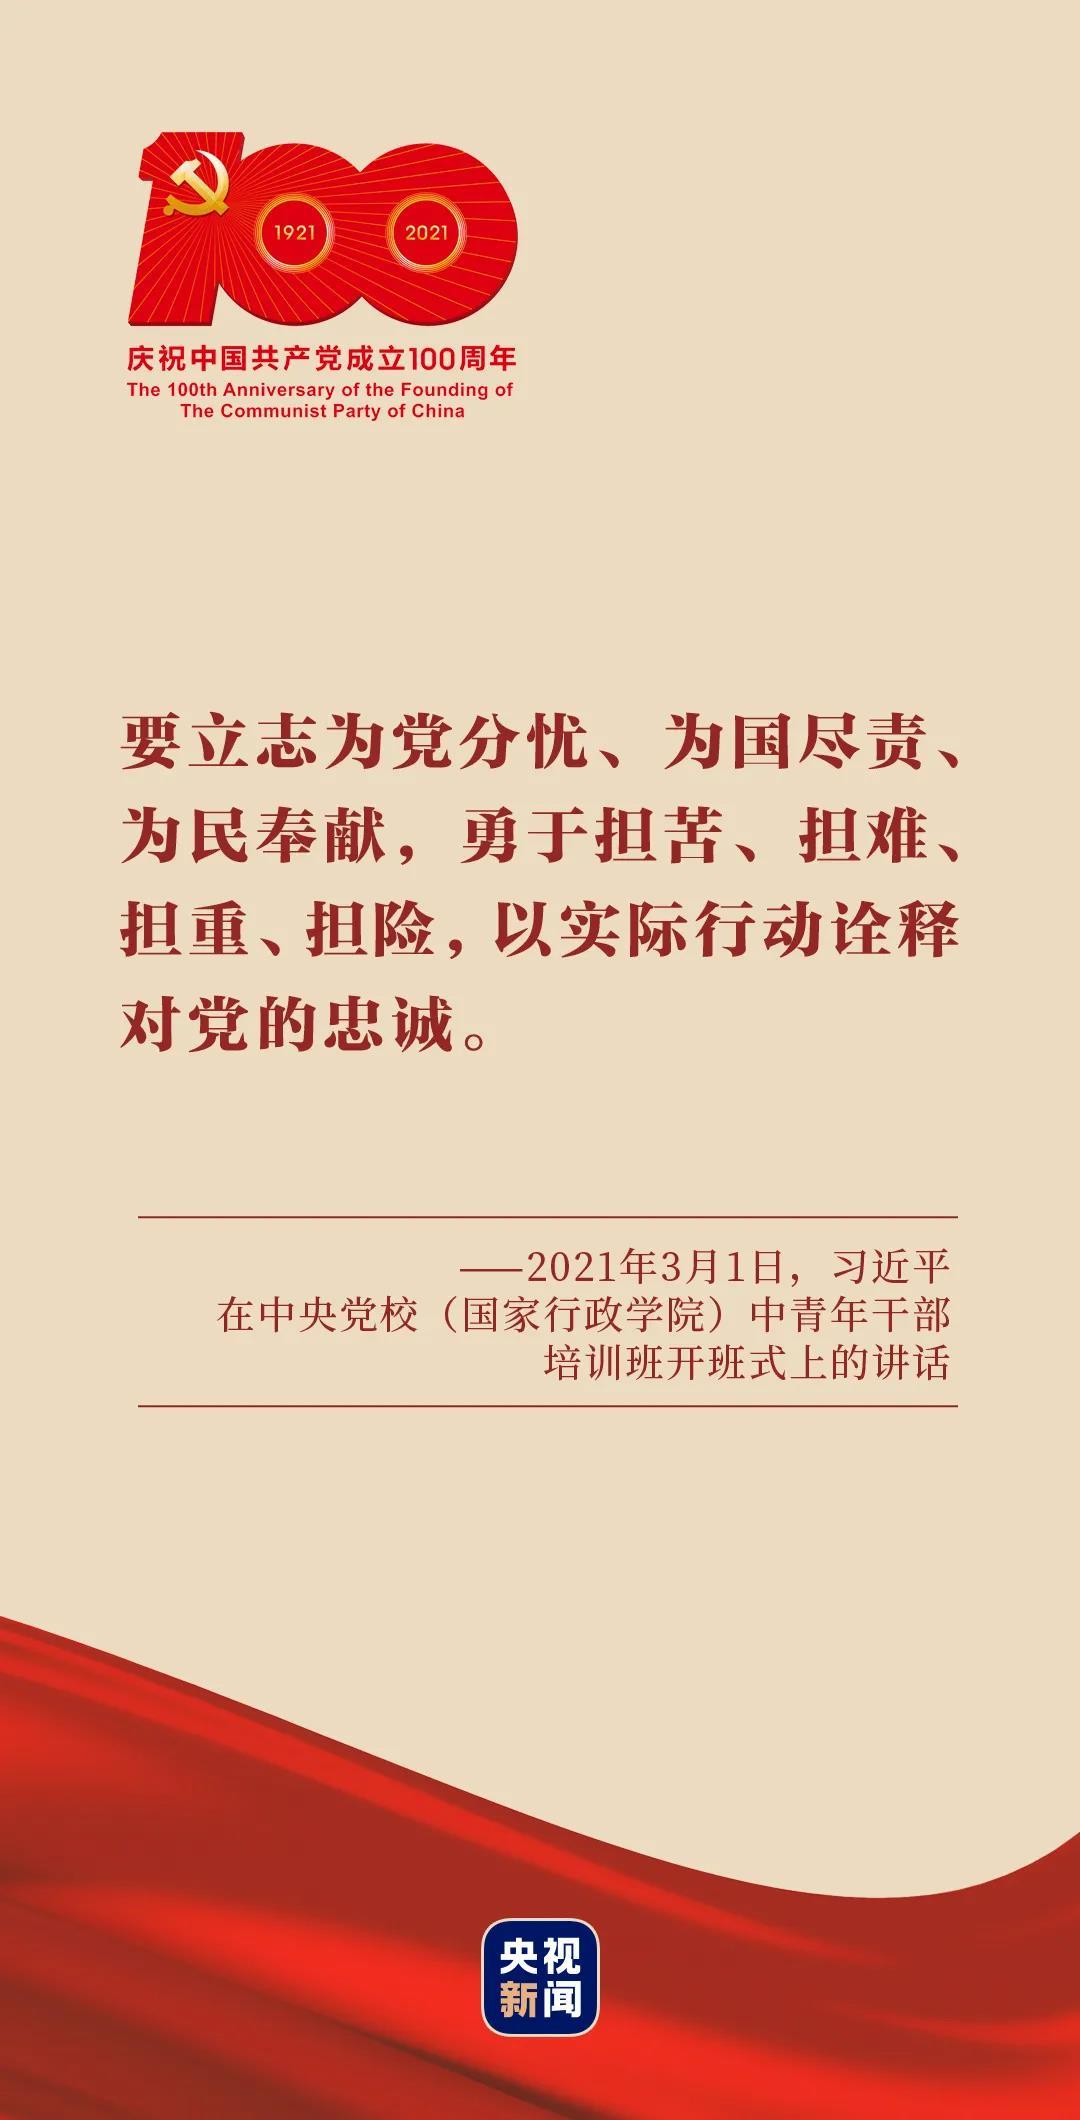 赢咖3平台注册:大党丨百年史诗 精神为源(图12)